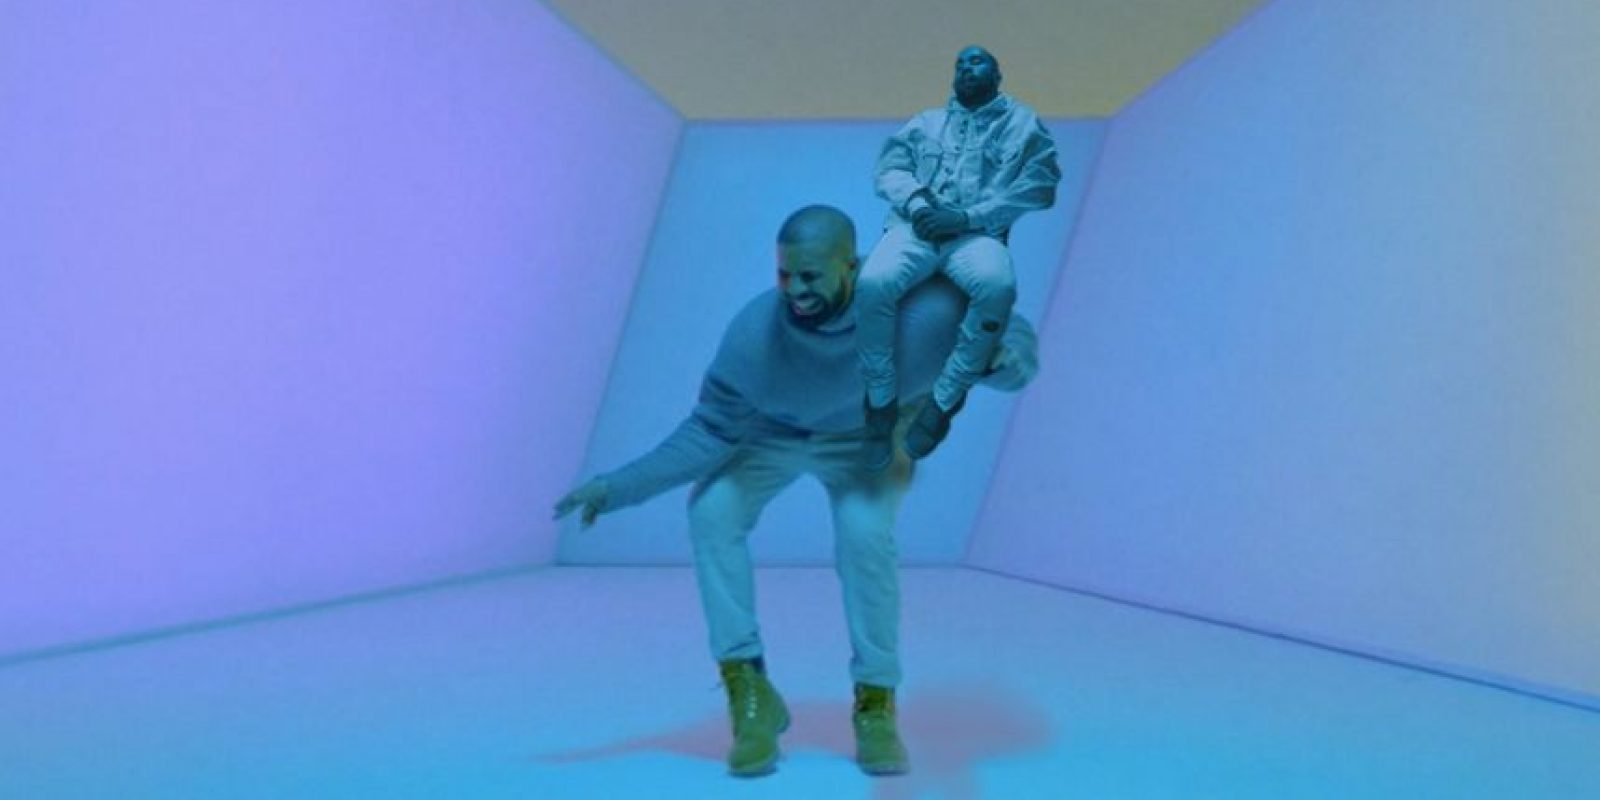 Y con estos memes se burlaron de Kanye West dormido Foto:Imgur / Reddit